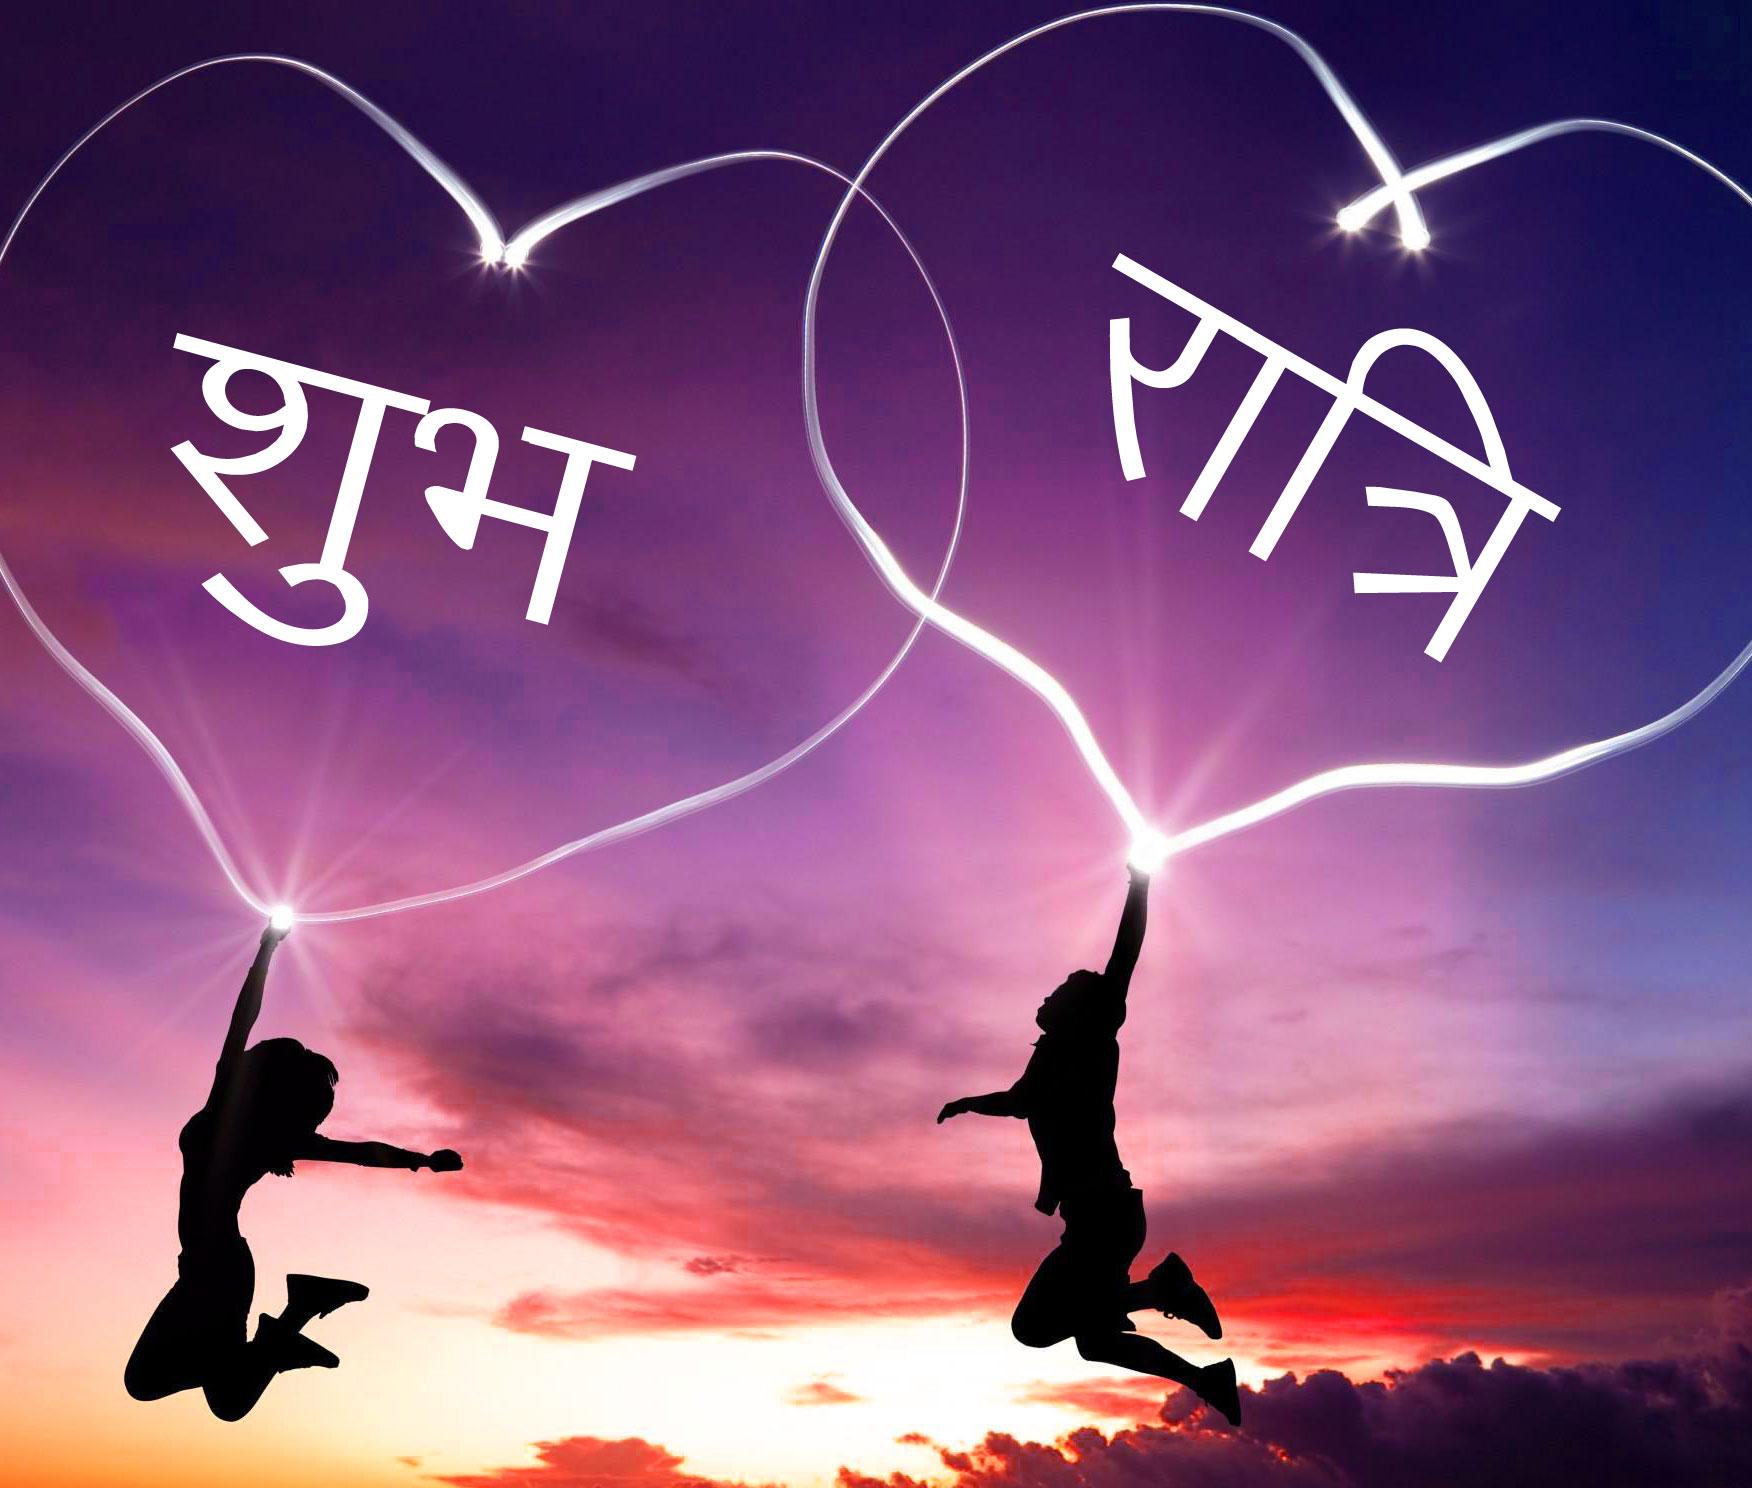 Shubh Ratri Wallpaper 86